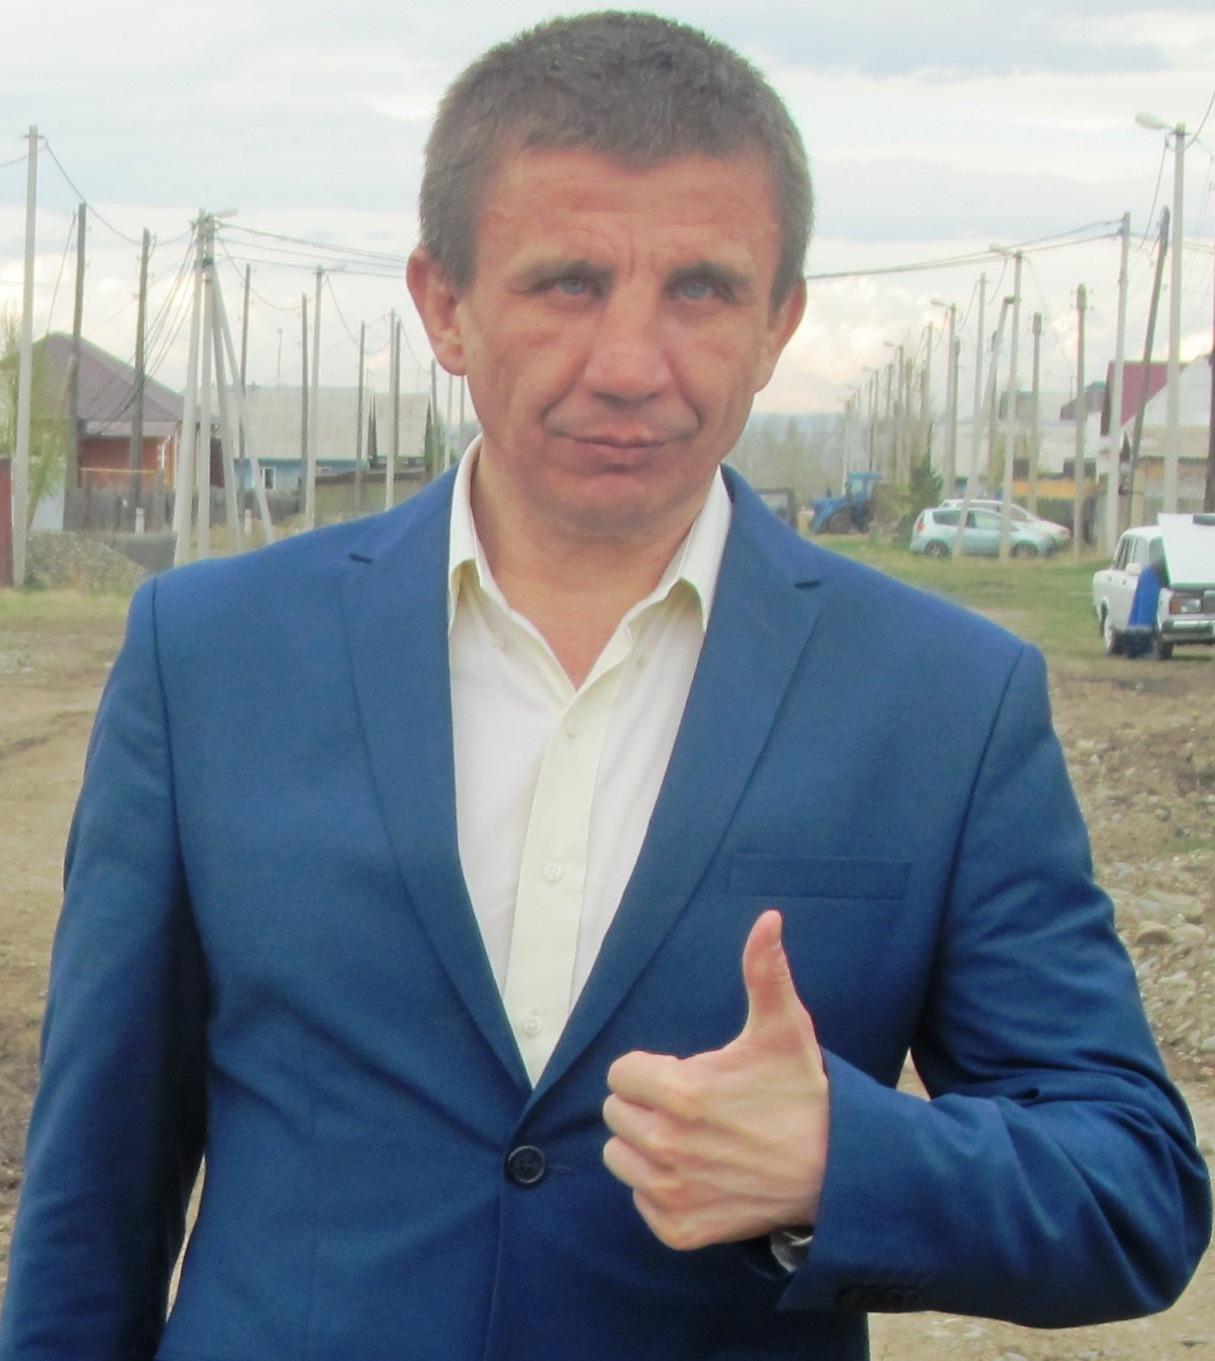 Олег Иванов вновь проиграл суд. Кто подставил Альбертыча?